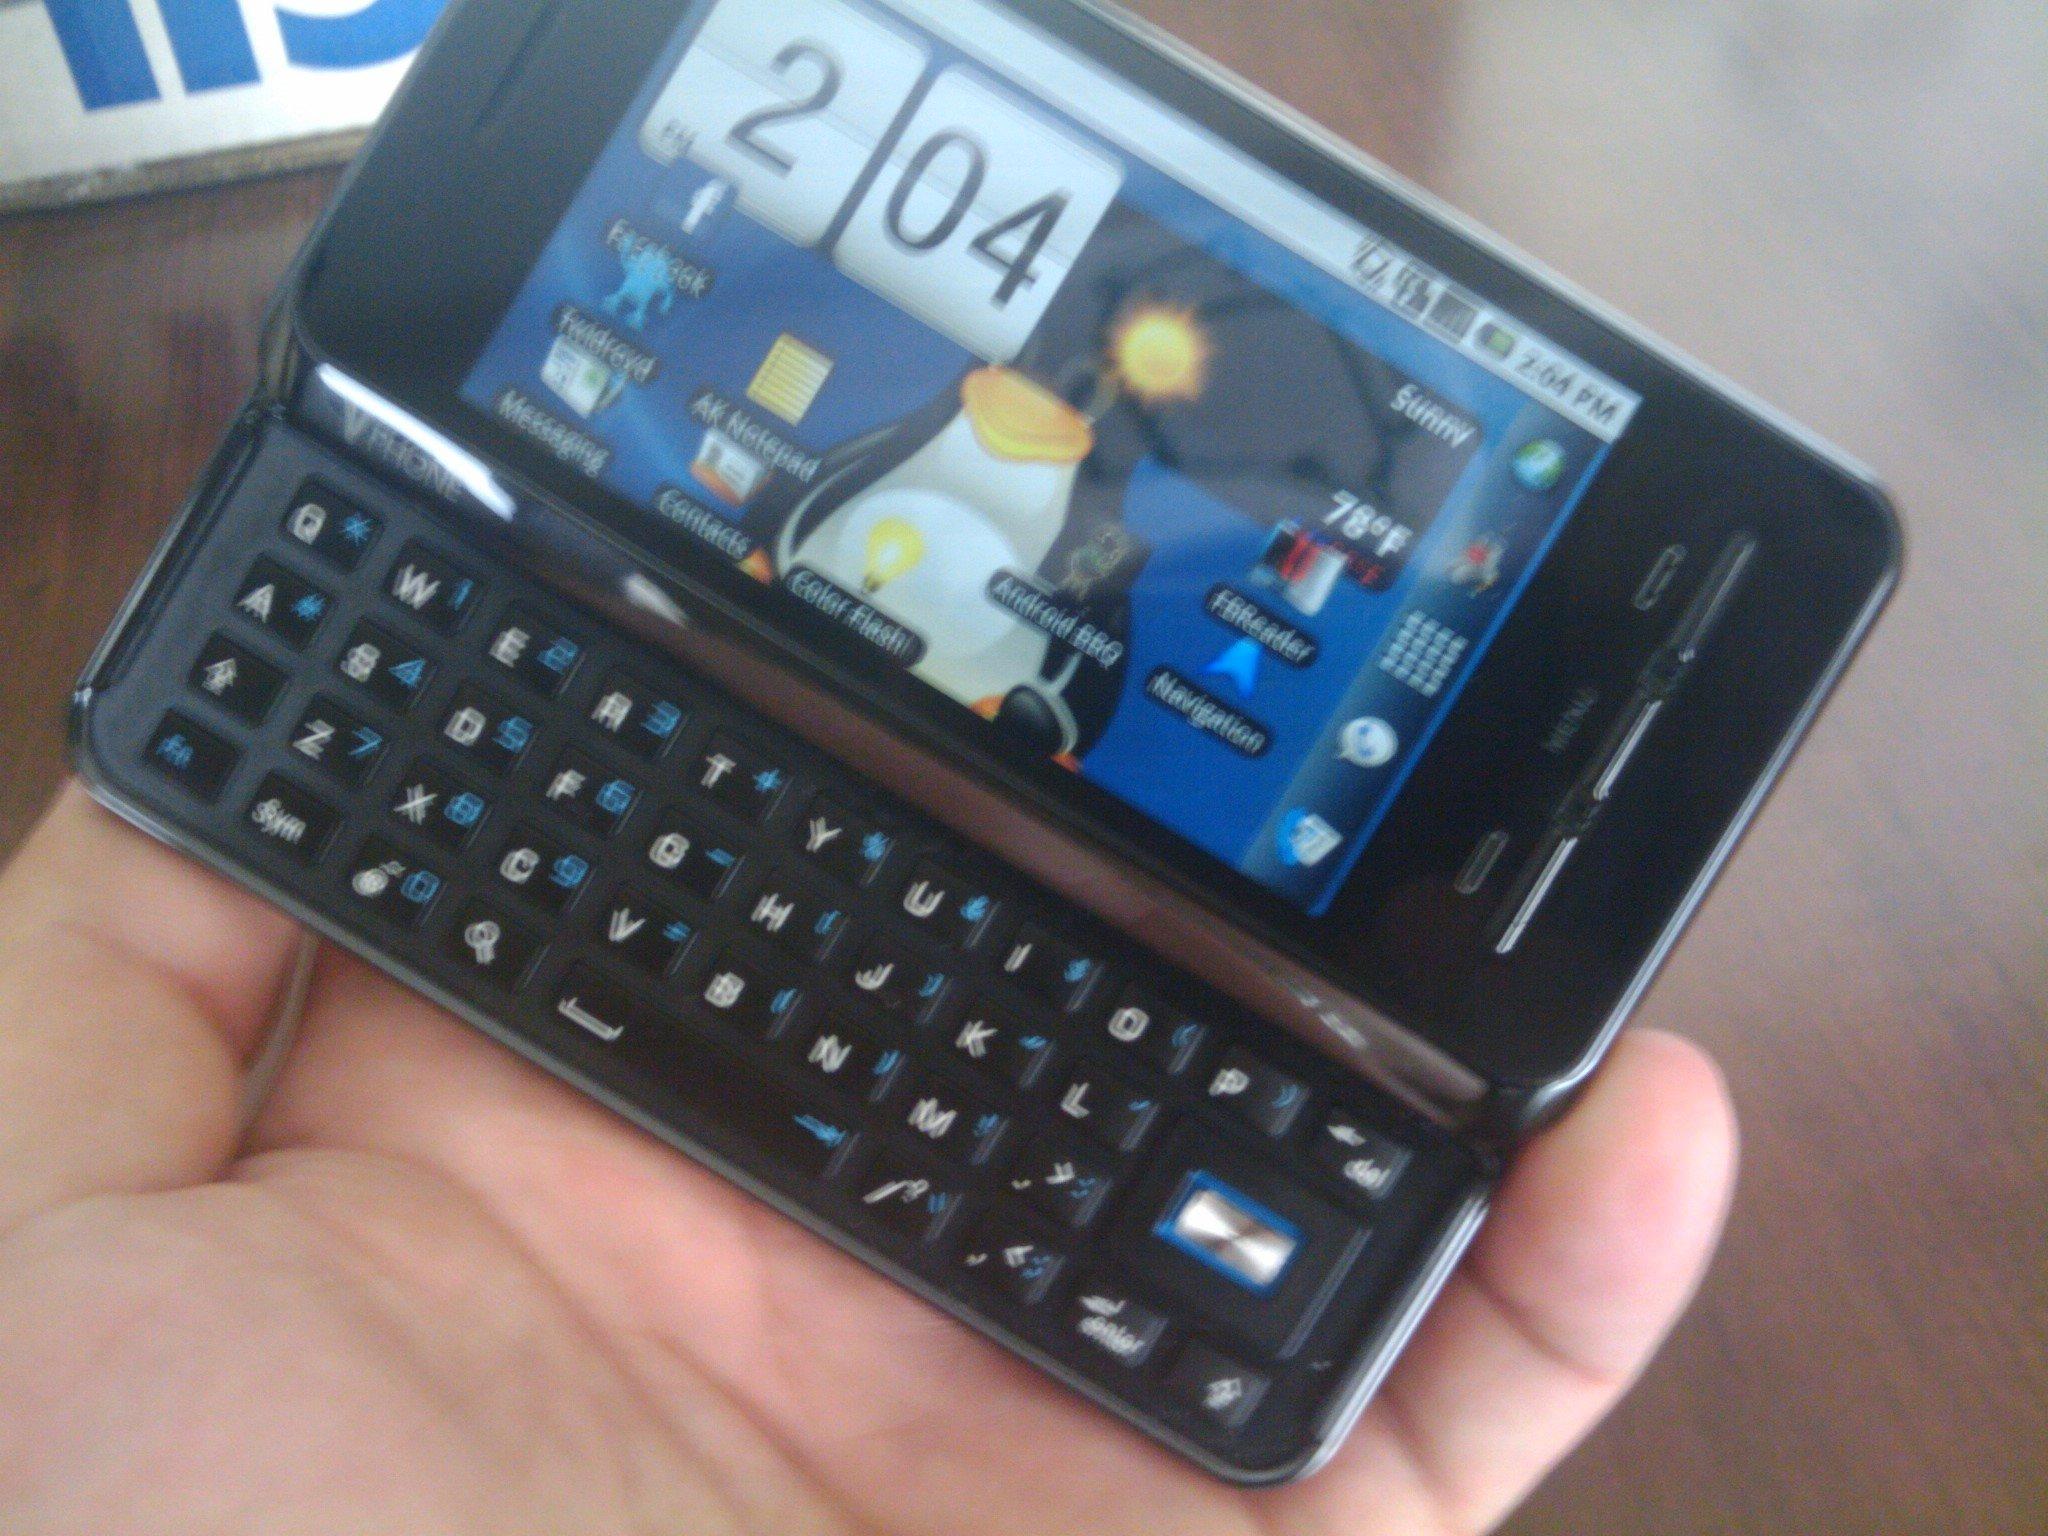 saygus vphone2